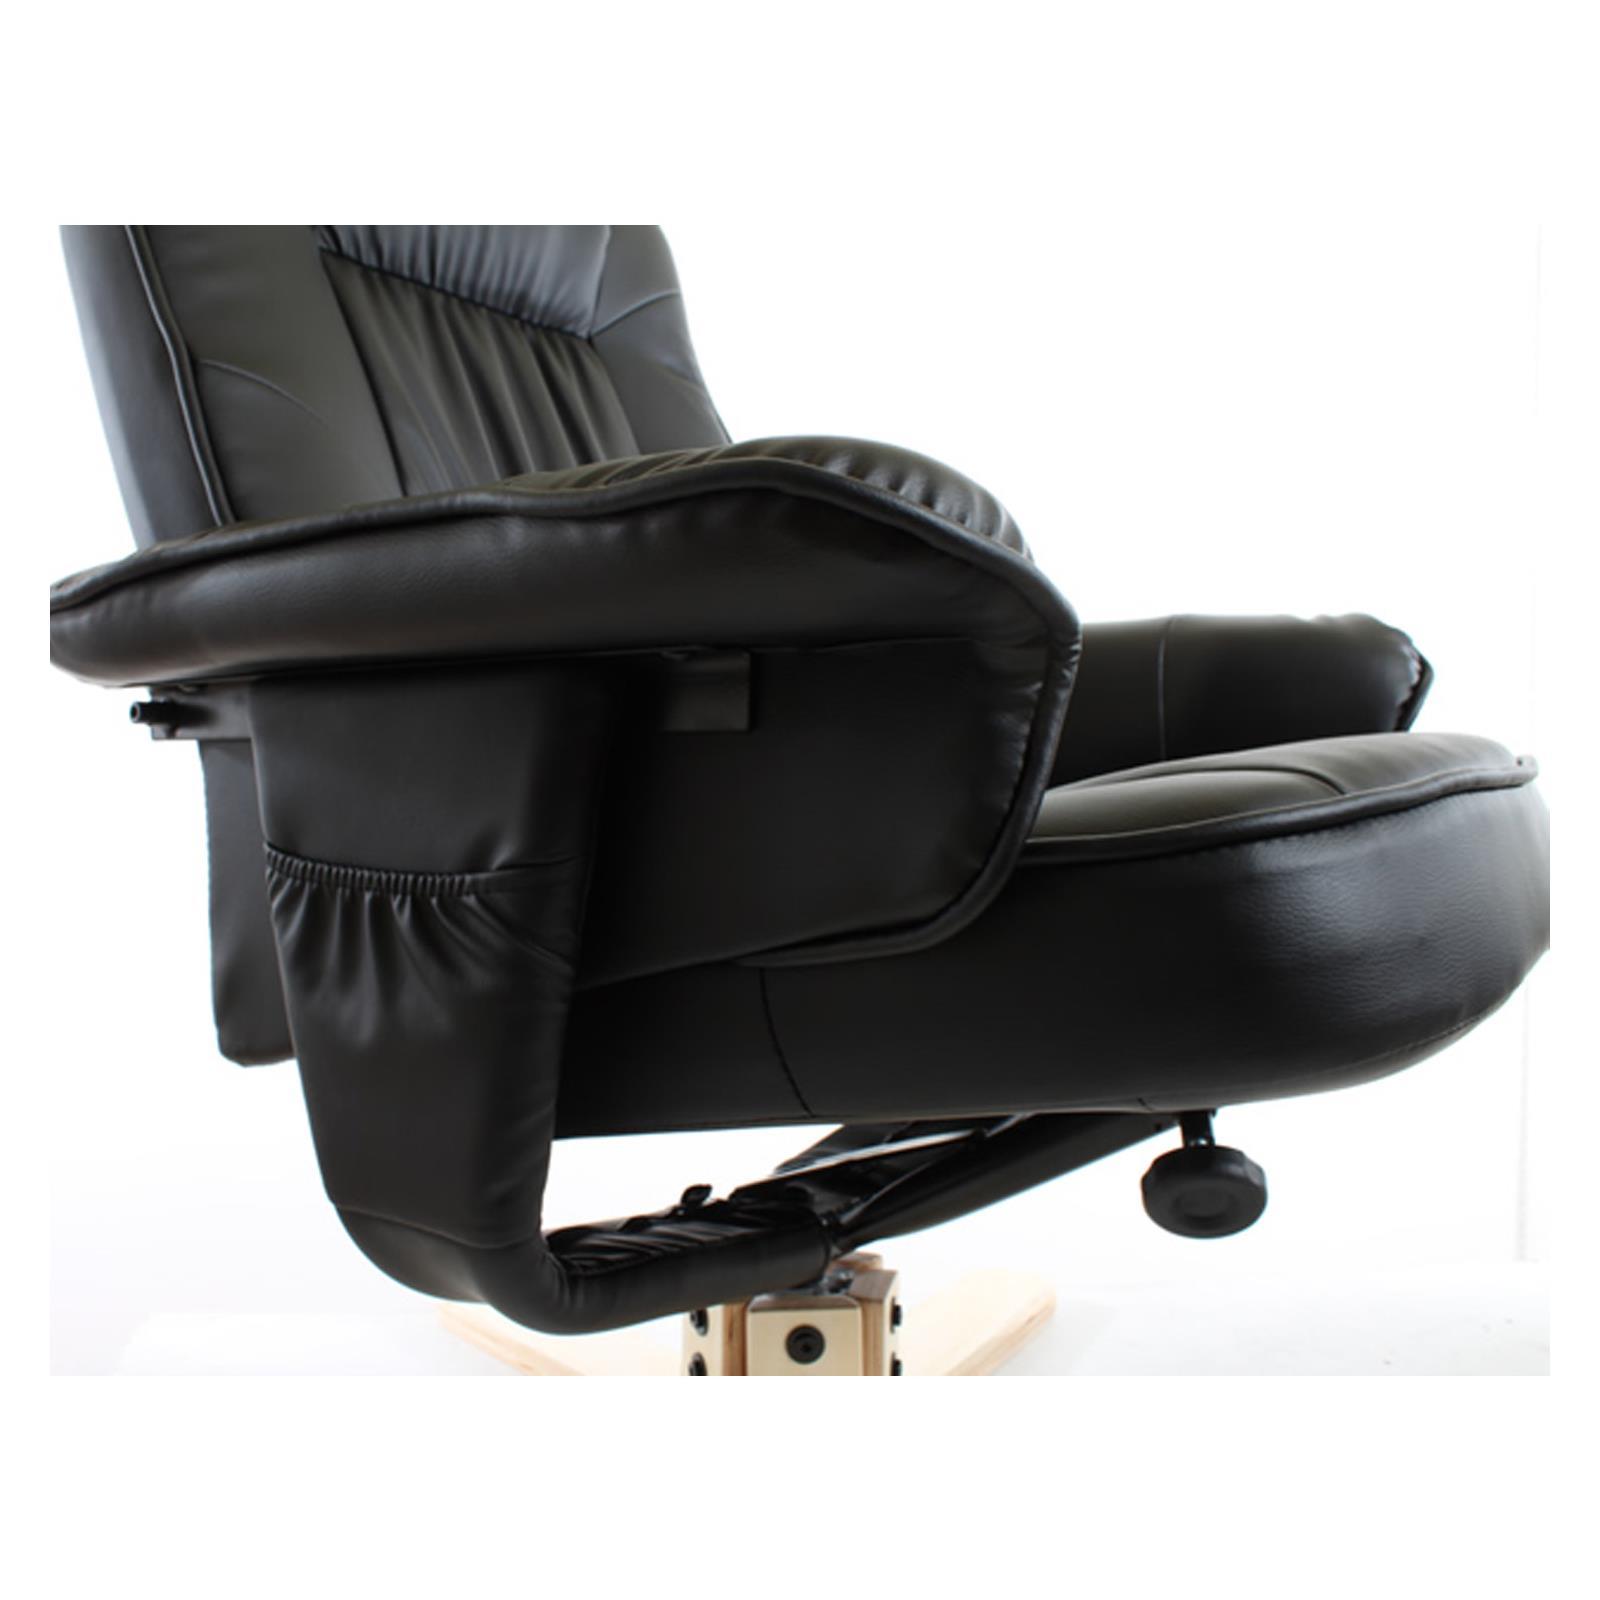 Fauteuil avec repose pieds charly noir mobil meubles - Fauteuil repose pieds ...